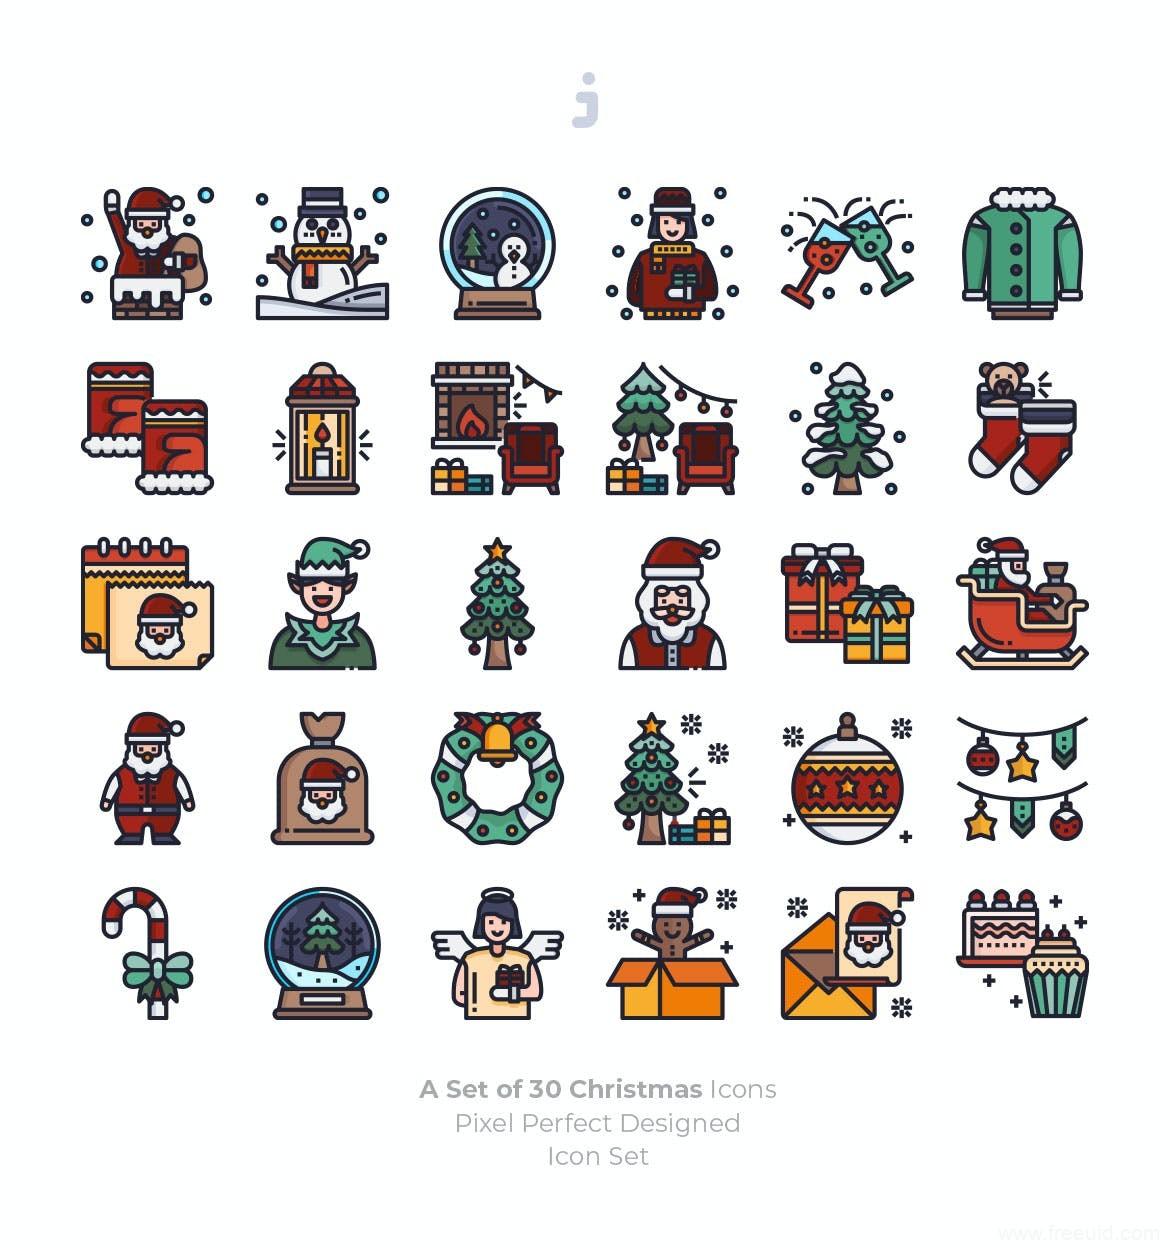 圣诞节适量图标ai源文件下载,圣诞UI图标icon资源下载